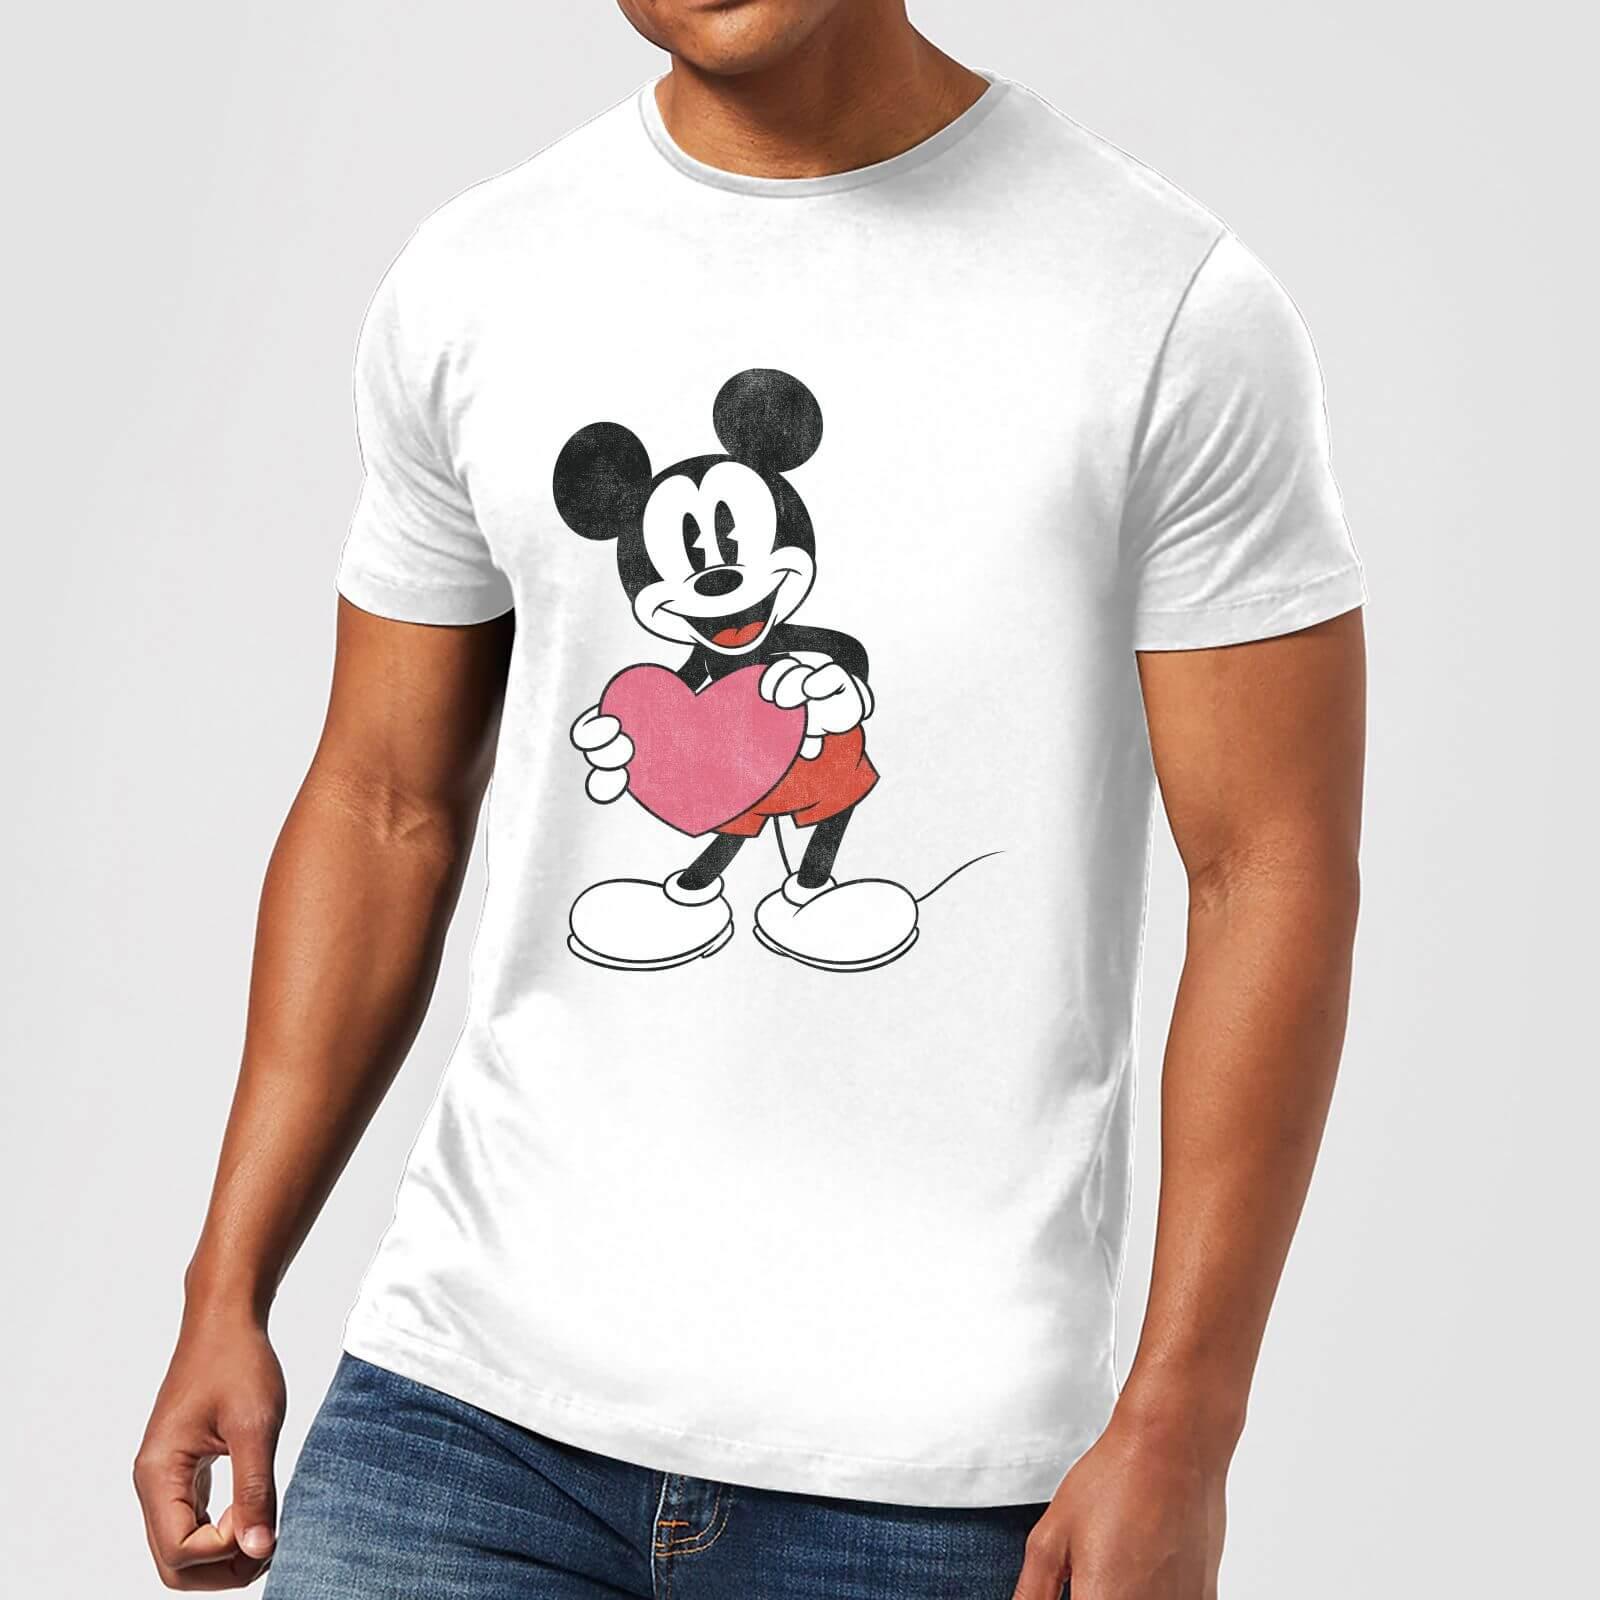 Disney Disney Mickey Mouse Heart Gift T-Shirt - White - 4XL - White